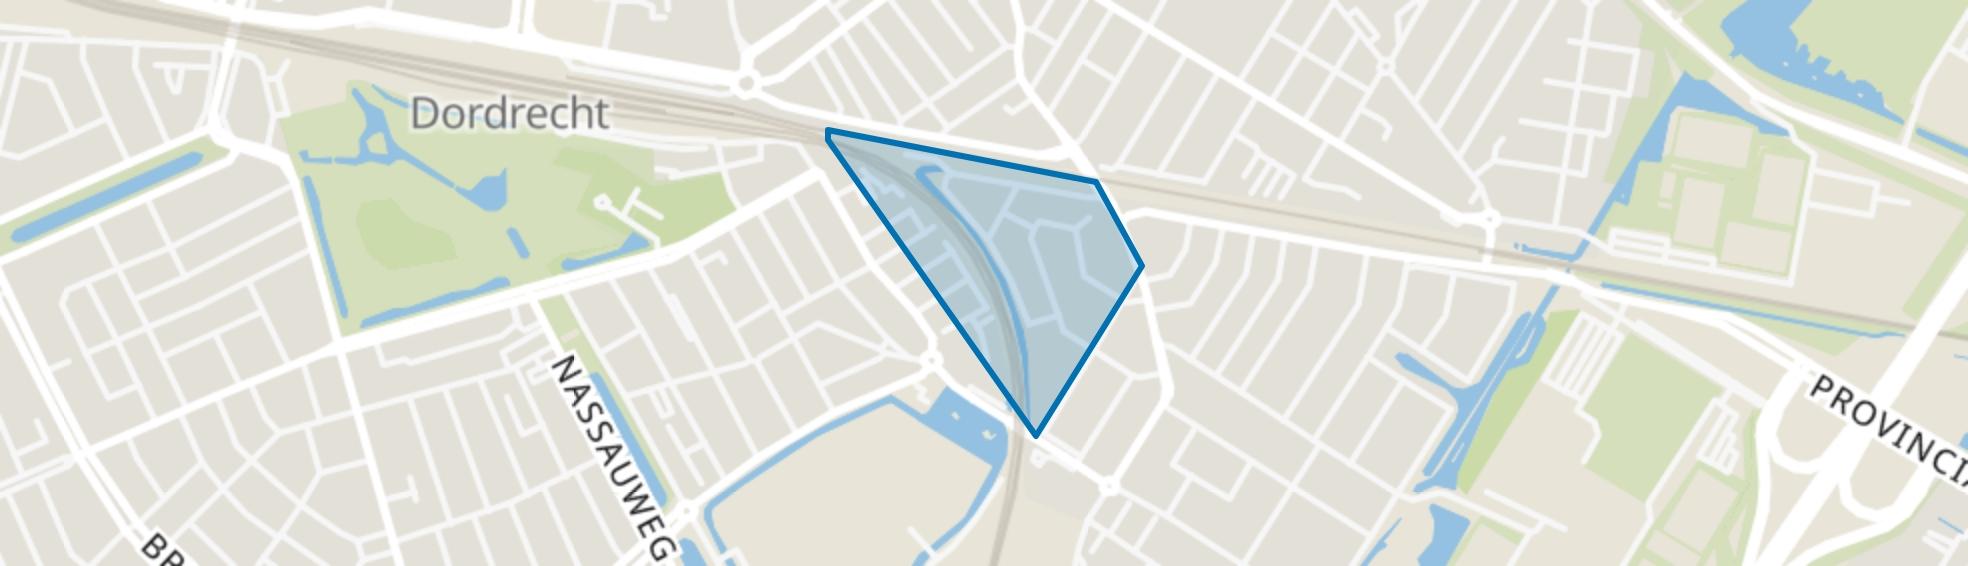 Hoekenessestraat en omgeving, Dordrecht map